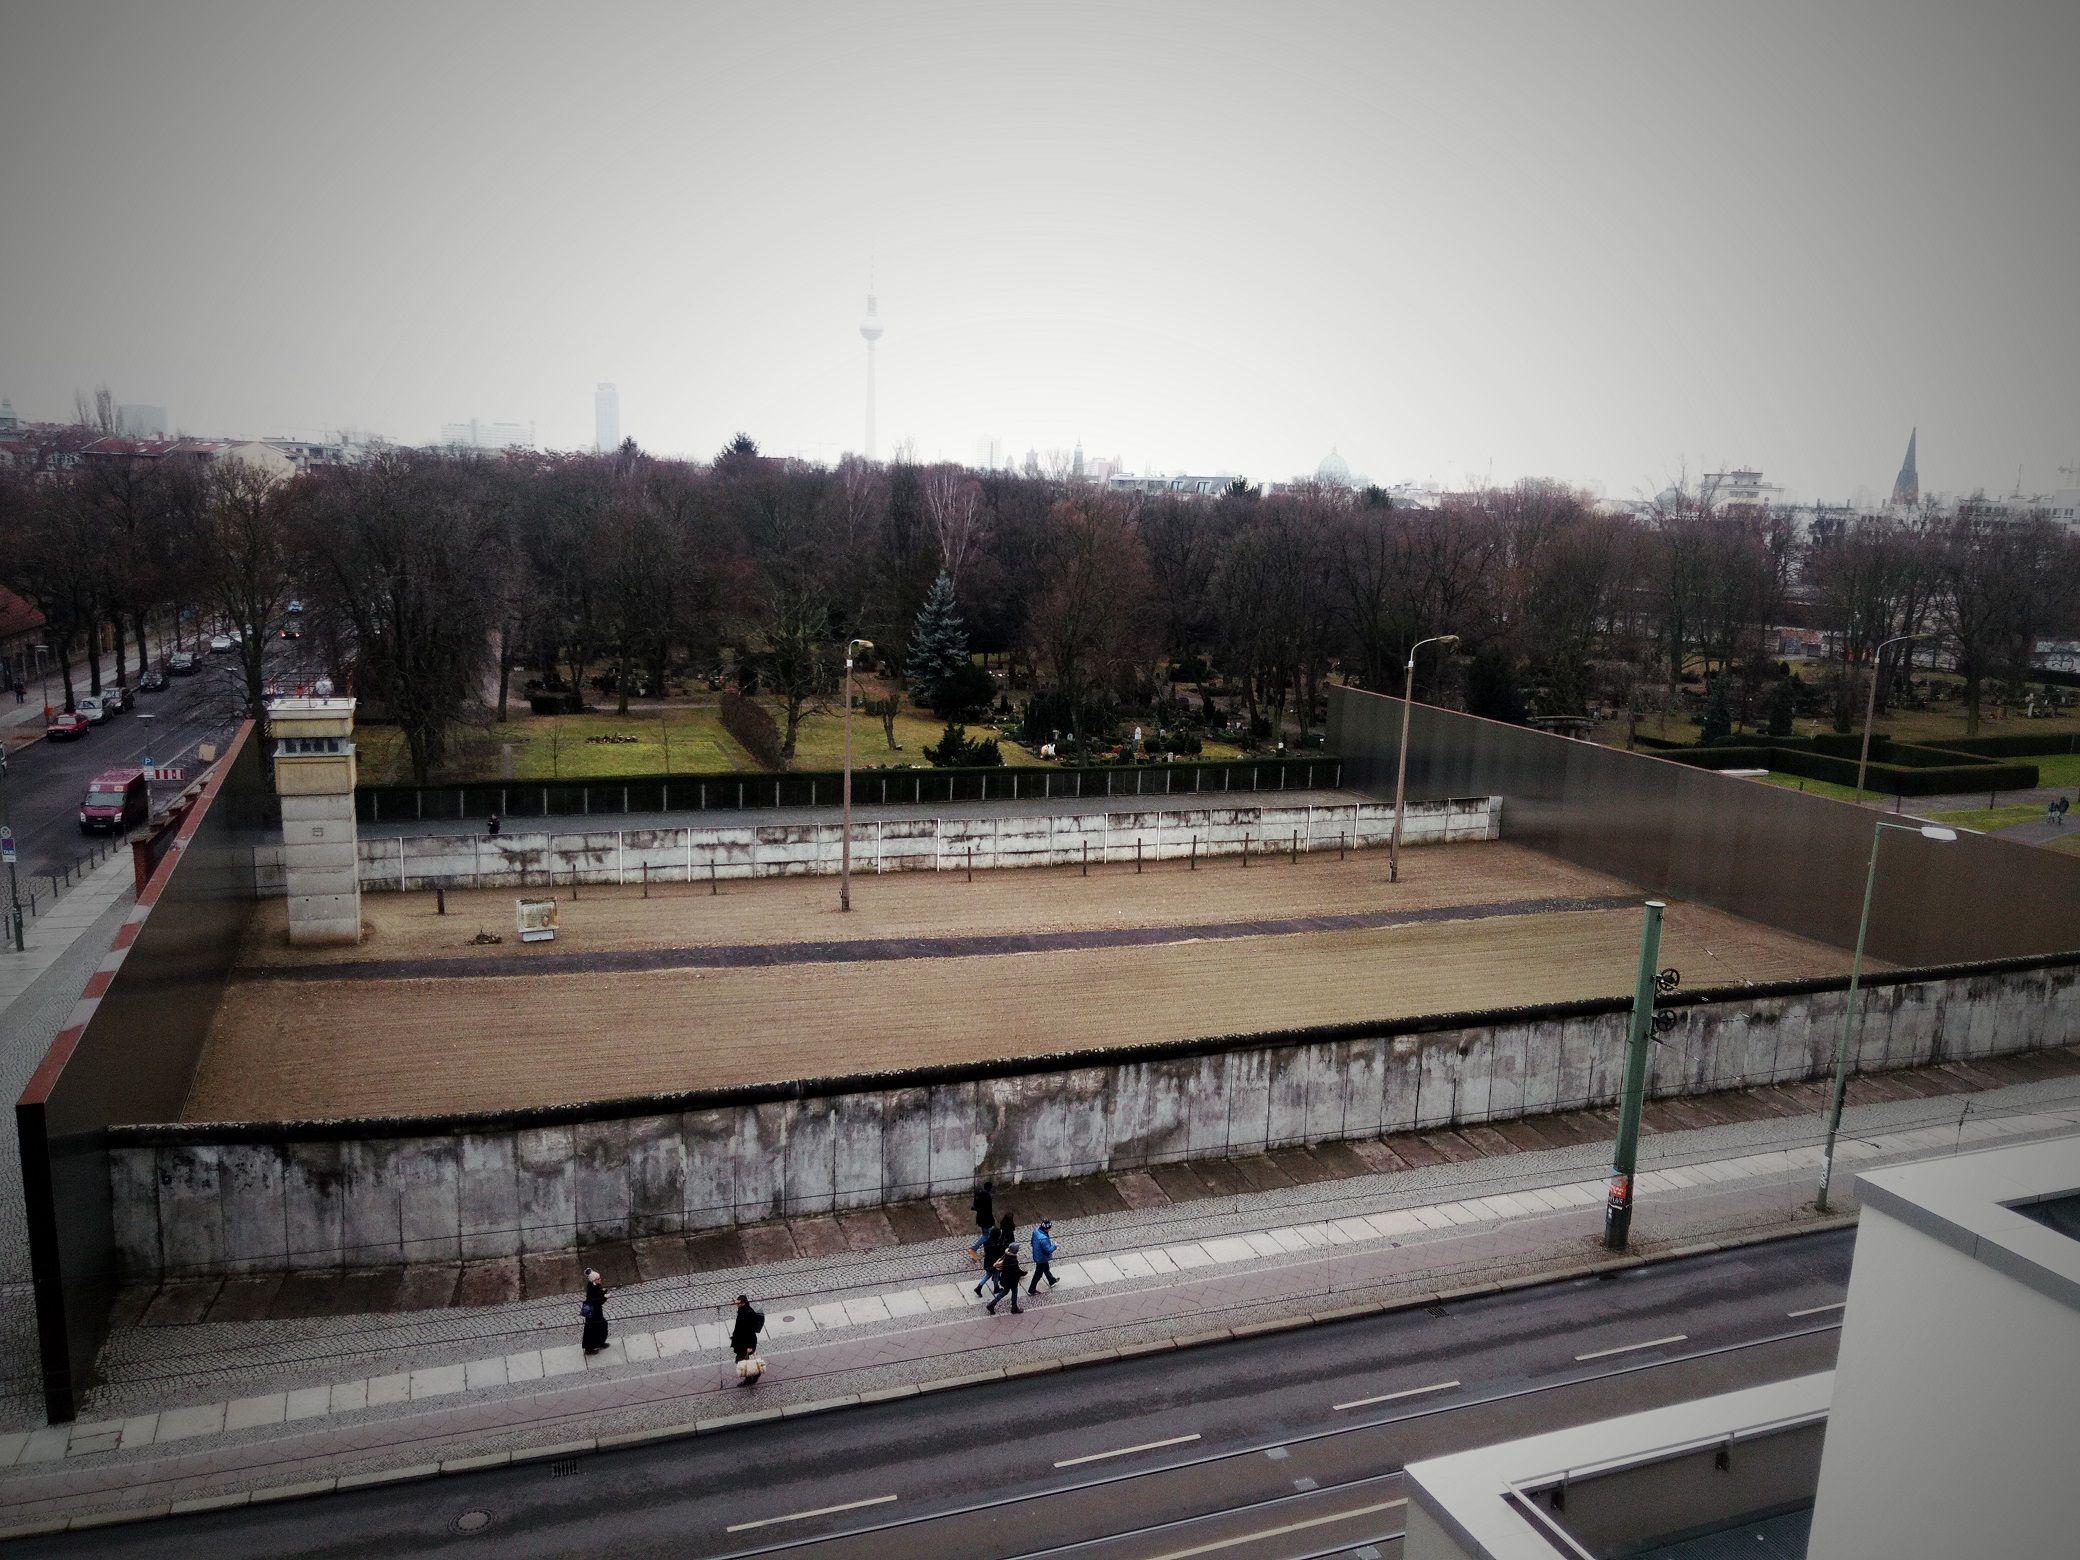 Berlin Wall Memorial Gedenkstatte Berliner Mauer Get An Idea Of Berlin During The Cold War 1 4 Km Of No Man Land Bernauerstr Mauergedenk Berliner Mauer